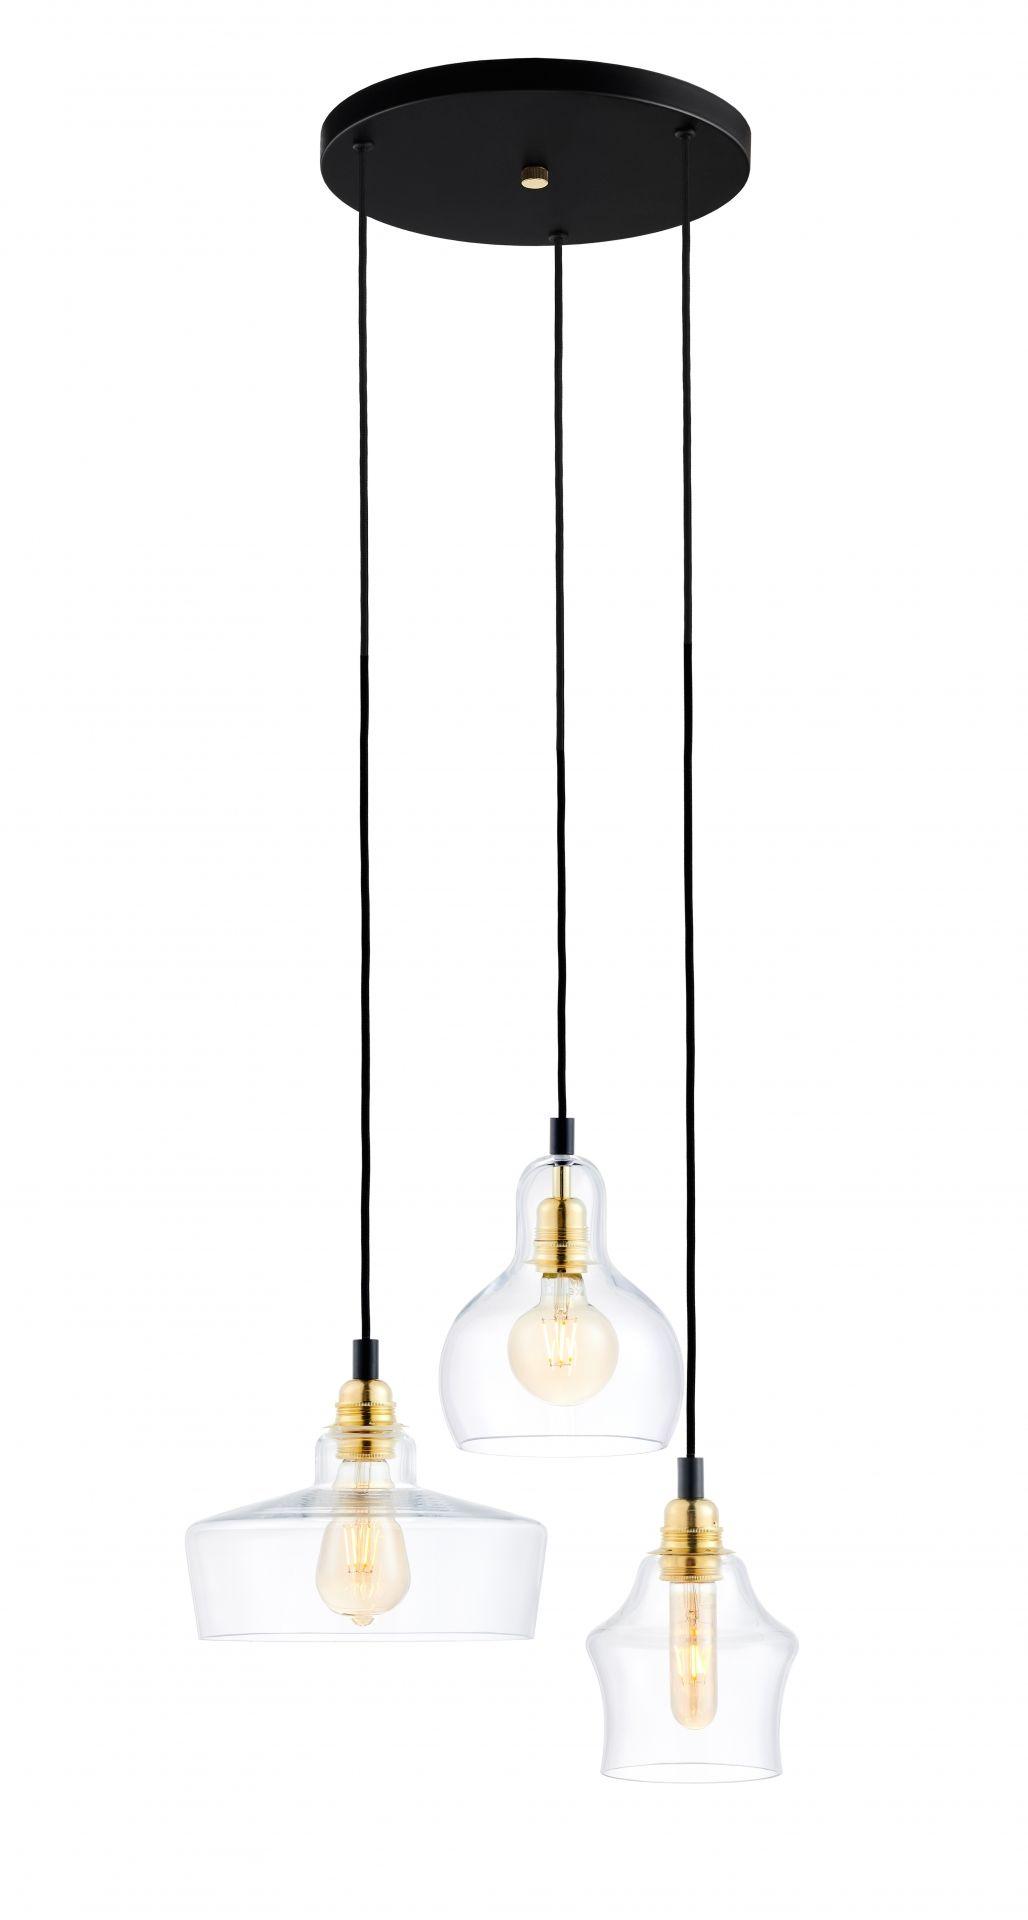 Lampa wisząca Longis 3 Gold 10877305 KASPA czarno-złota oprawa w nowoczesnym stylu